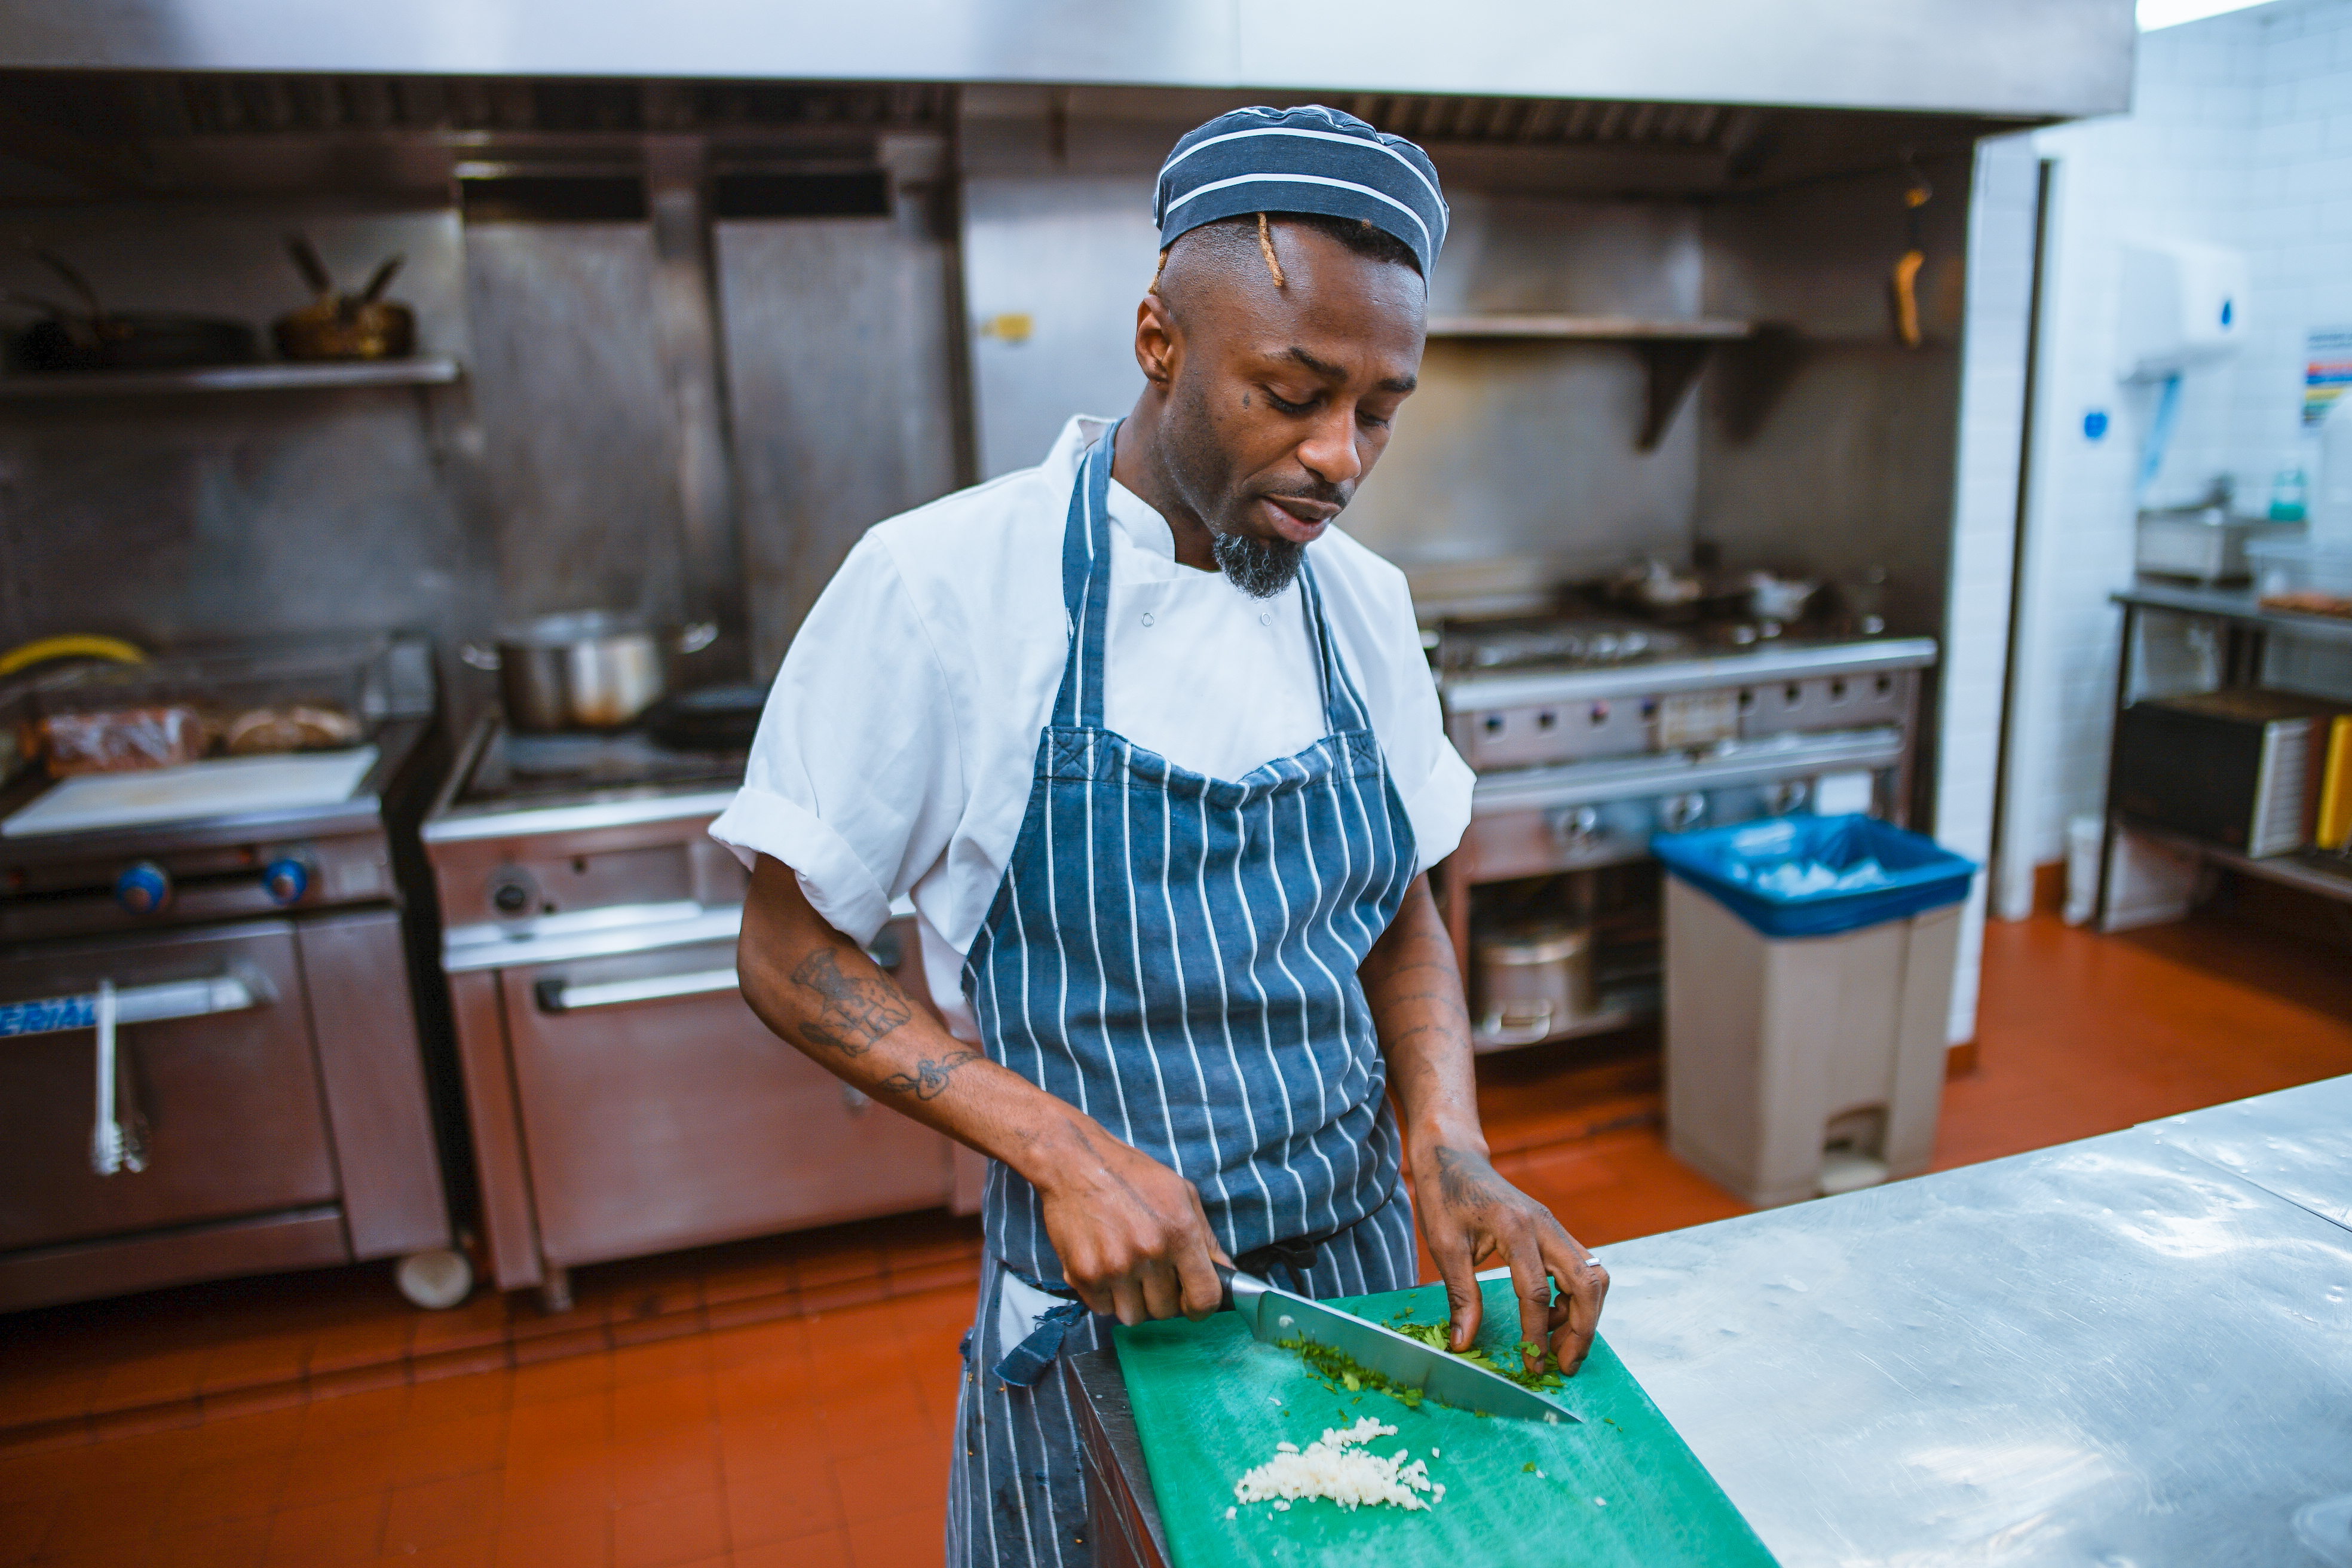 料理をしない男性はそもそも料理に対する誤解があるんじゃないだろうか。